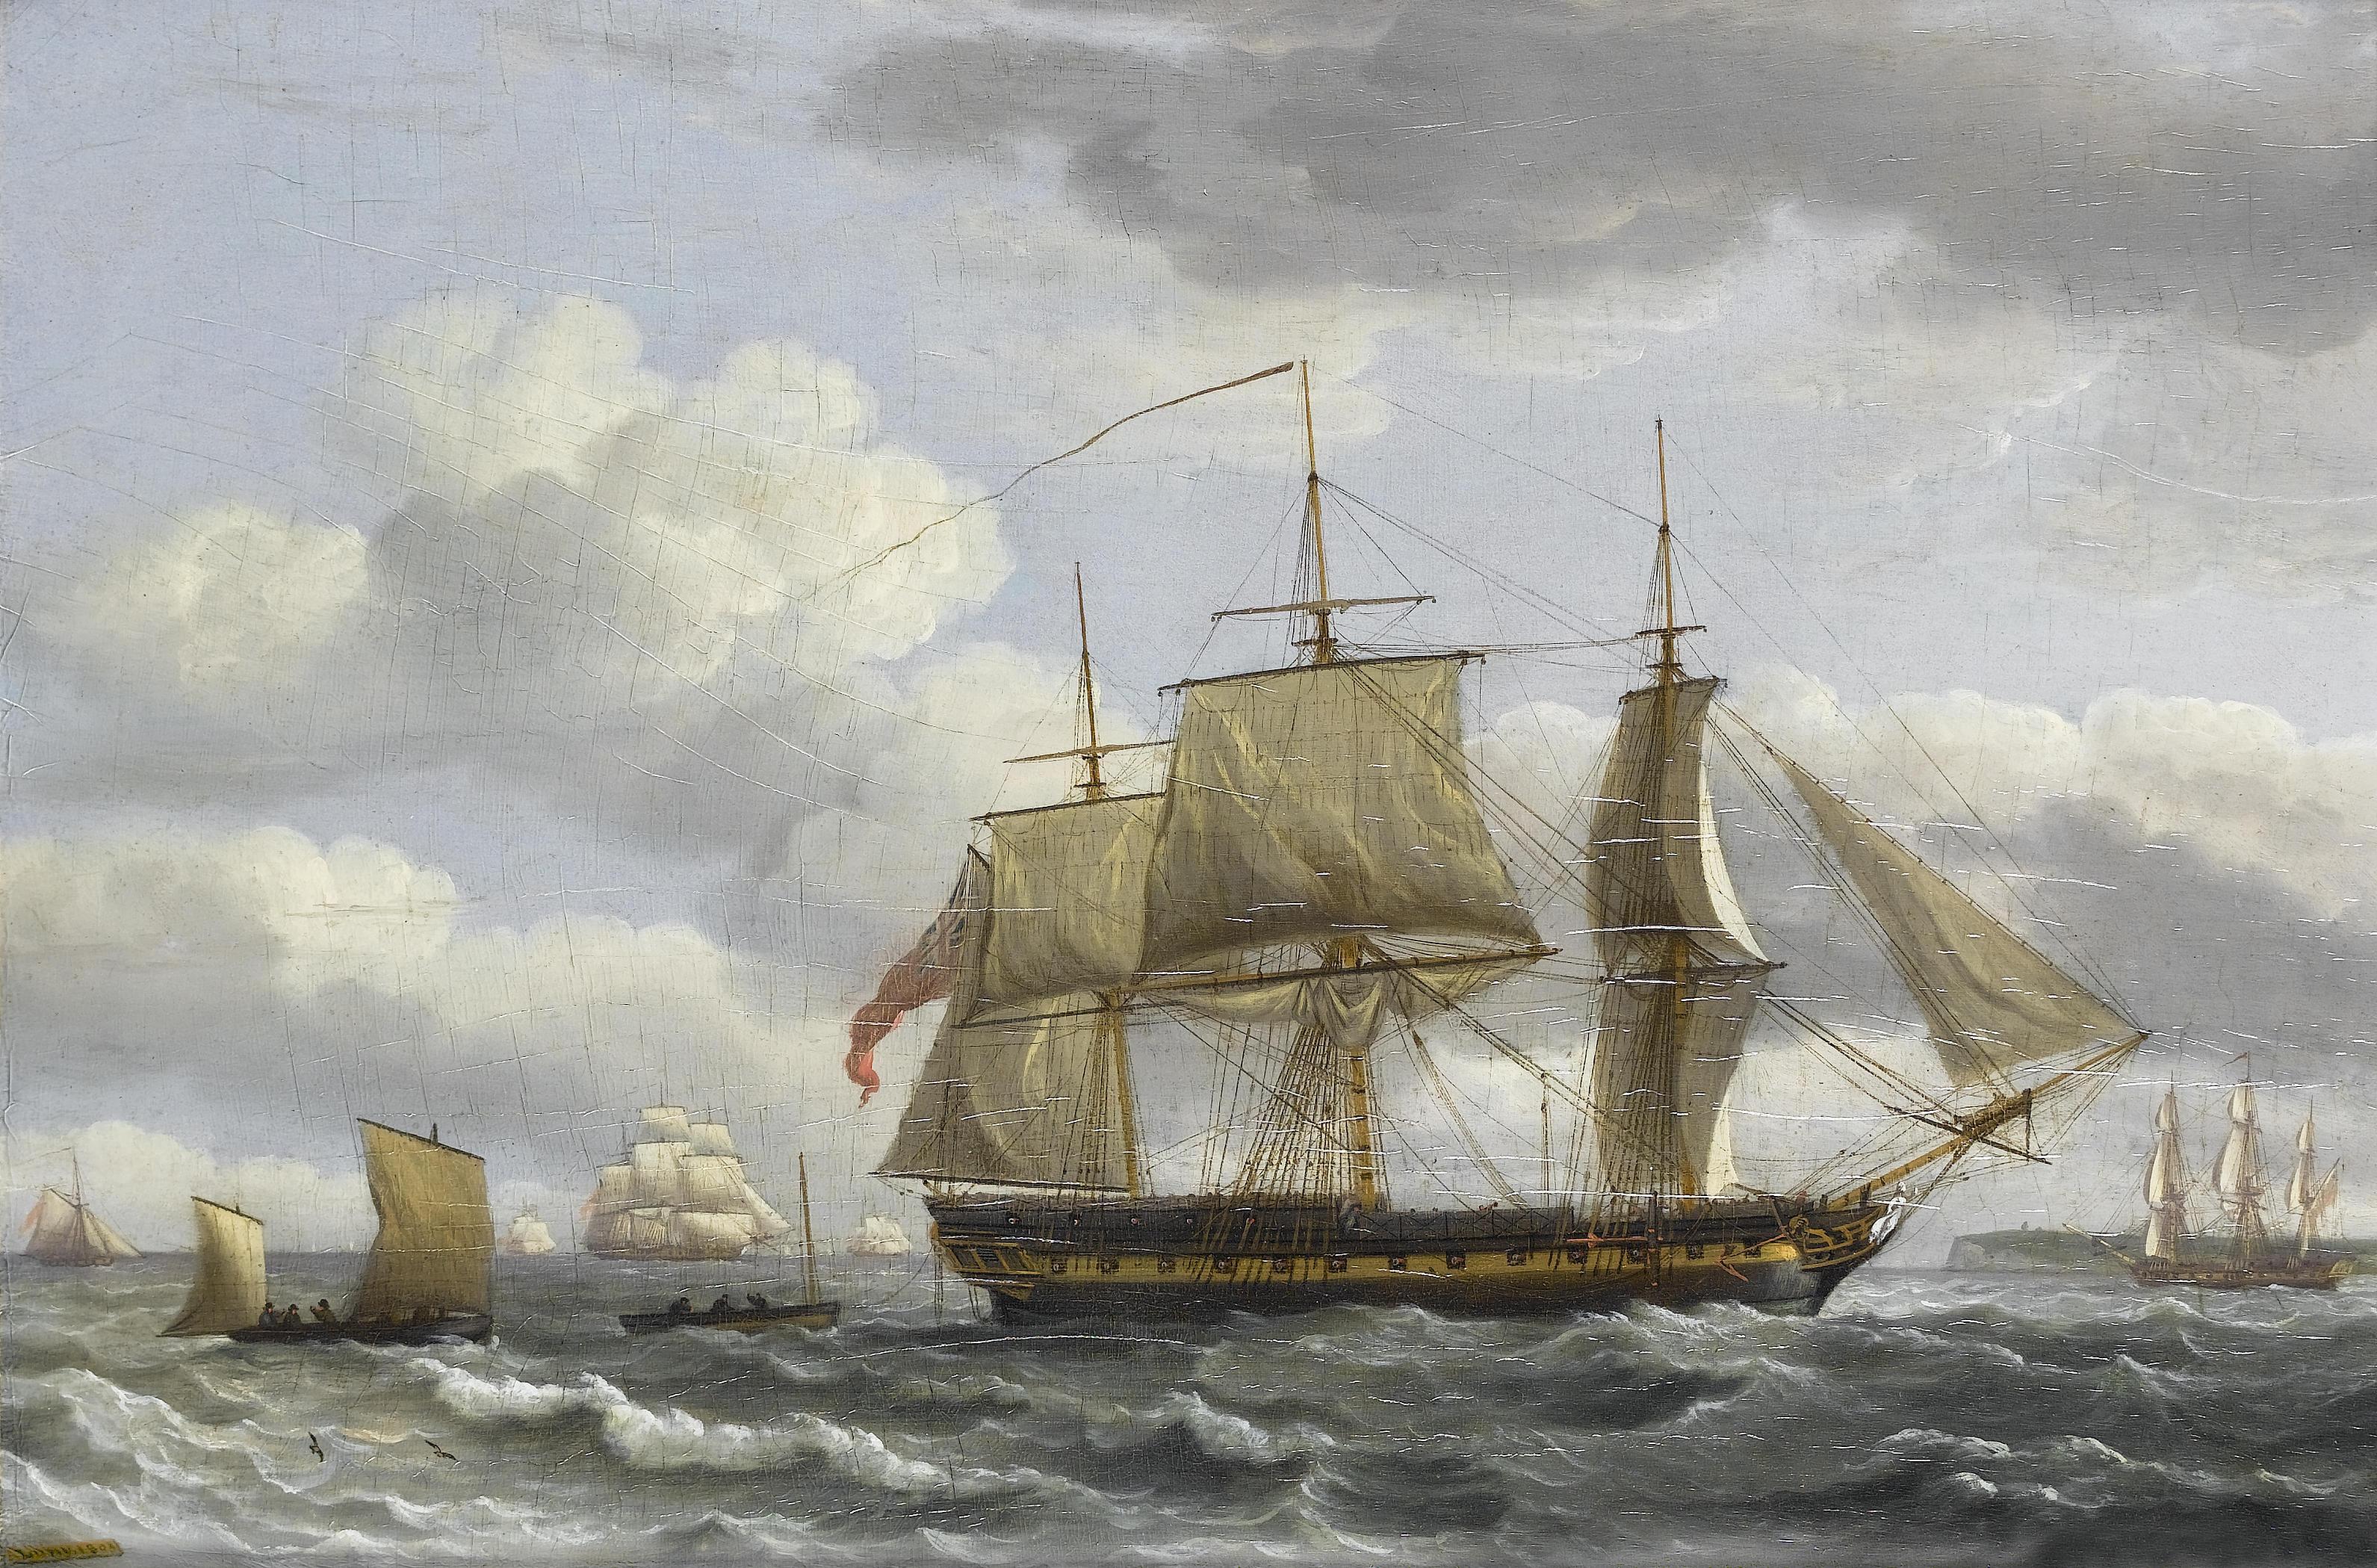 Een schilderij van een 19de eeuws zeilschip met de zeilen bak.